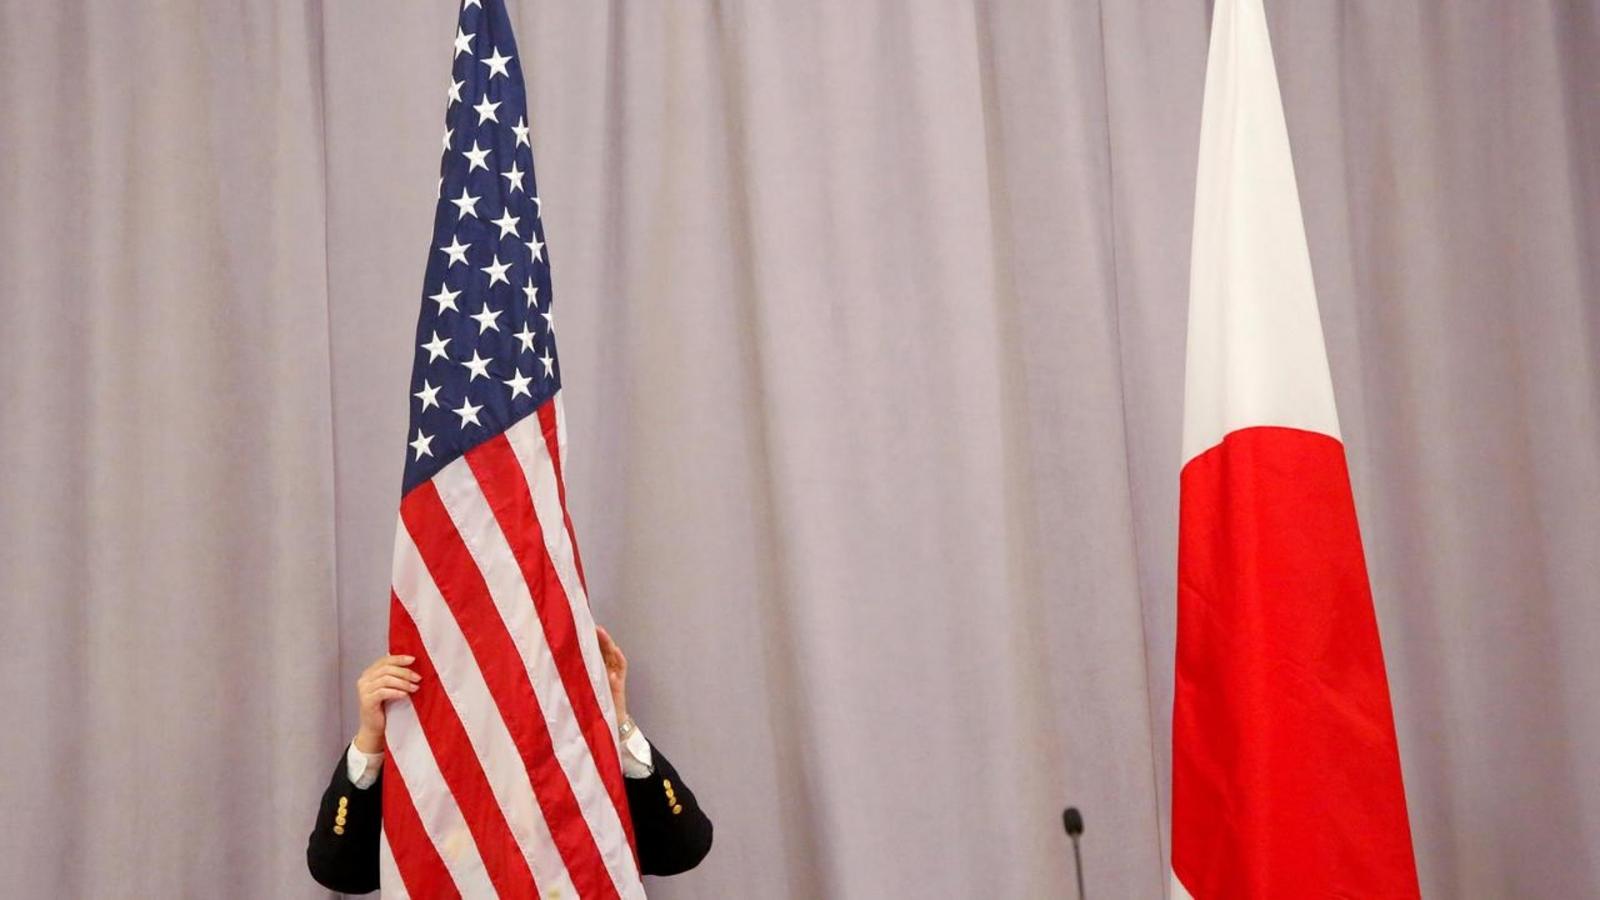 Mỹ - Nhật phản đối nỗ lực đơn phương thay đổi hiện trạng ở biển Hoa Đông